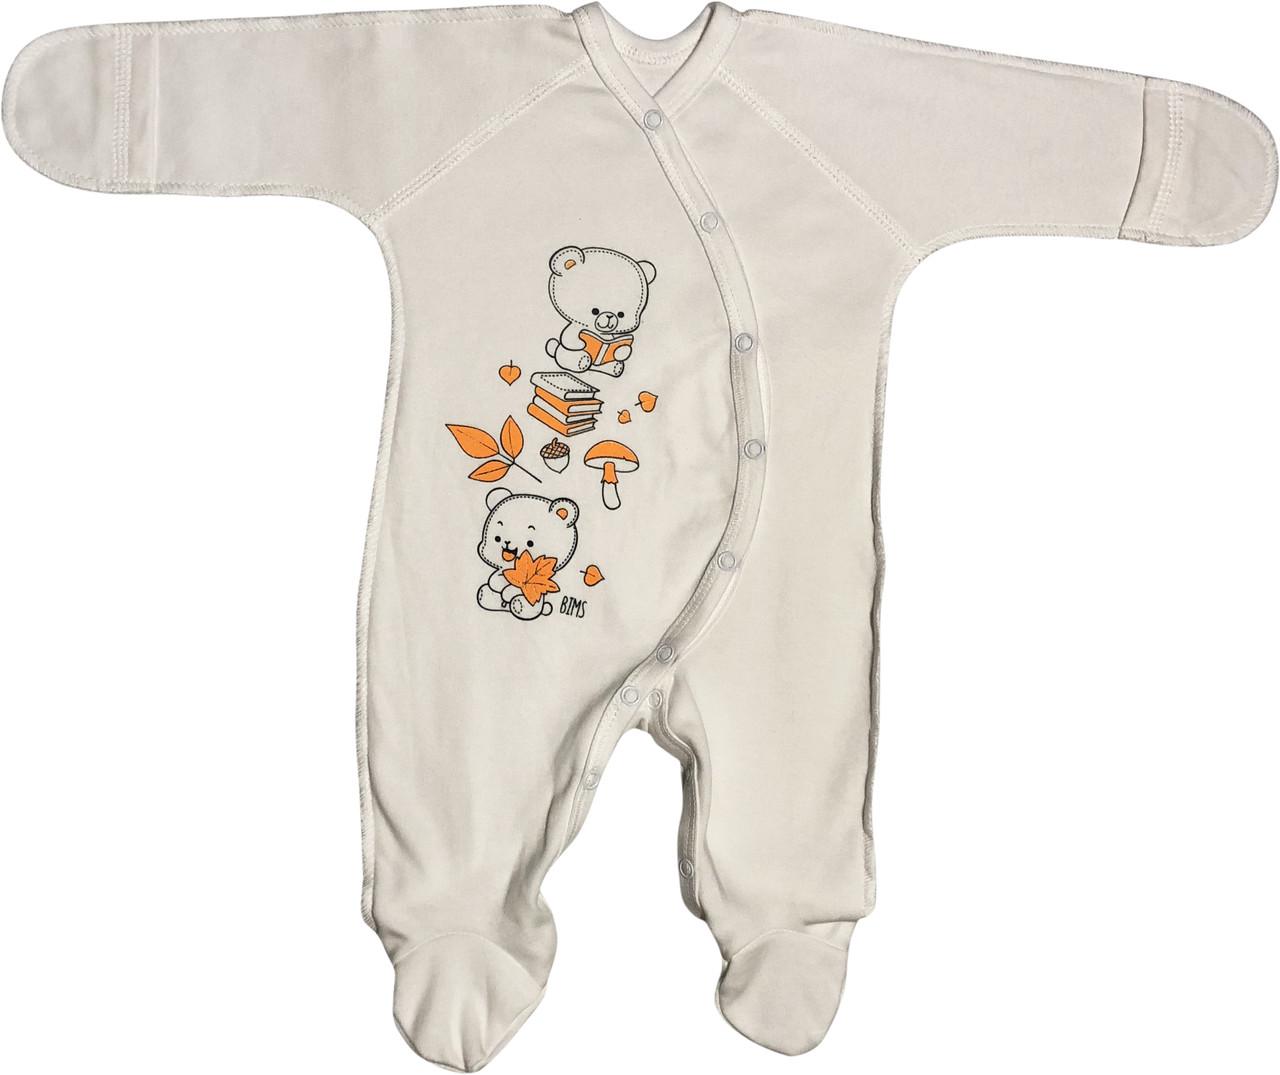 Тёплый человечек с начёсом царапками для новорожденных рост 56 0-2 мес на мальчика девочку трикотаж молочный